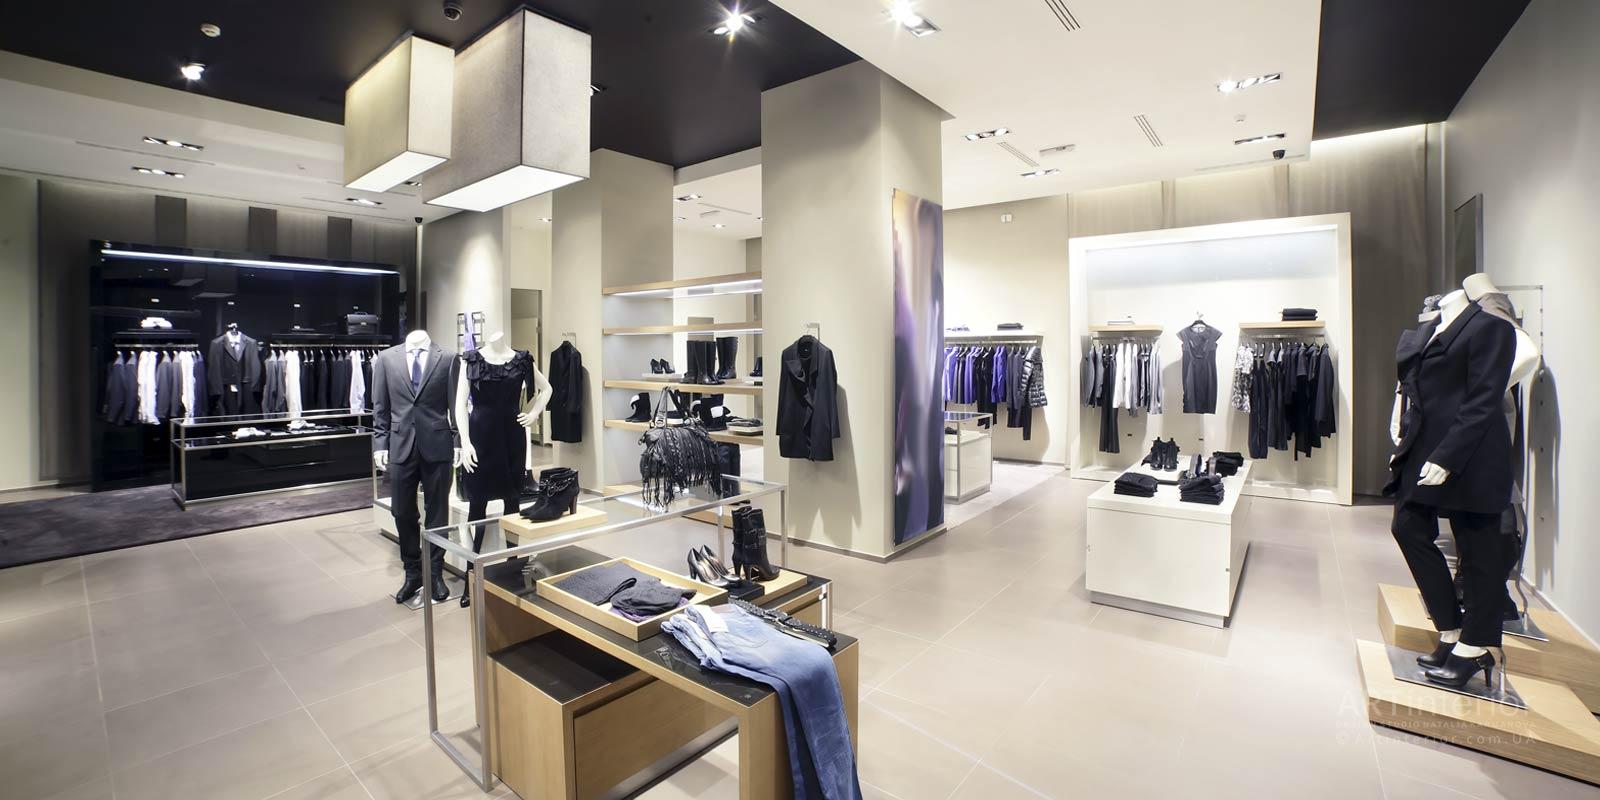 магазин классиической одежды | Дизайн и стиль интерьера квартиры, дома, офиса от «Artinterior», Киев, artinterior.com.ua